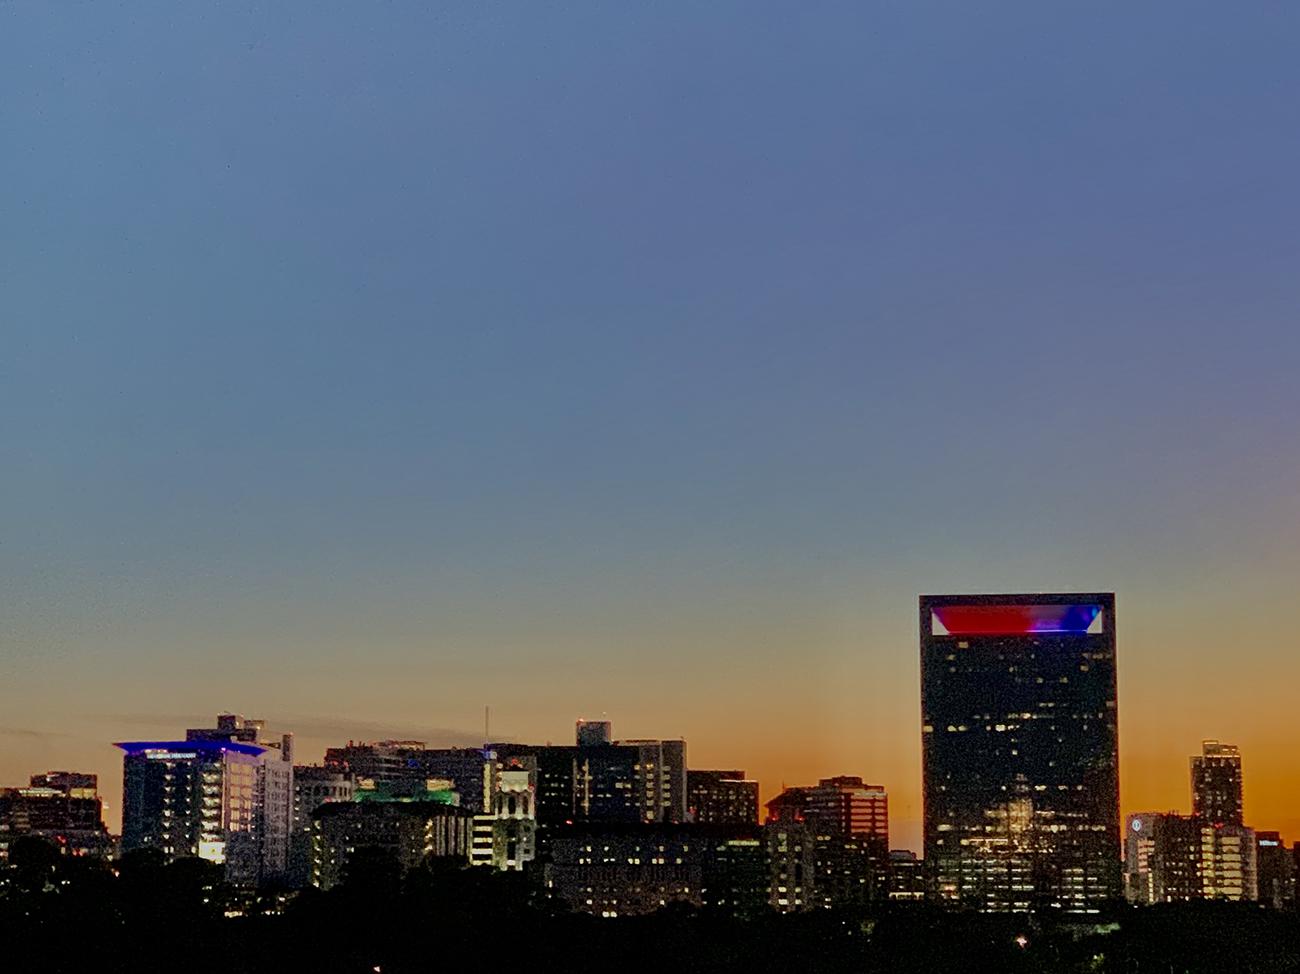 Hotel Zaza Houston Texas